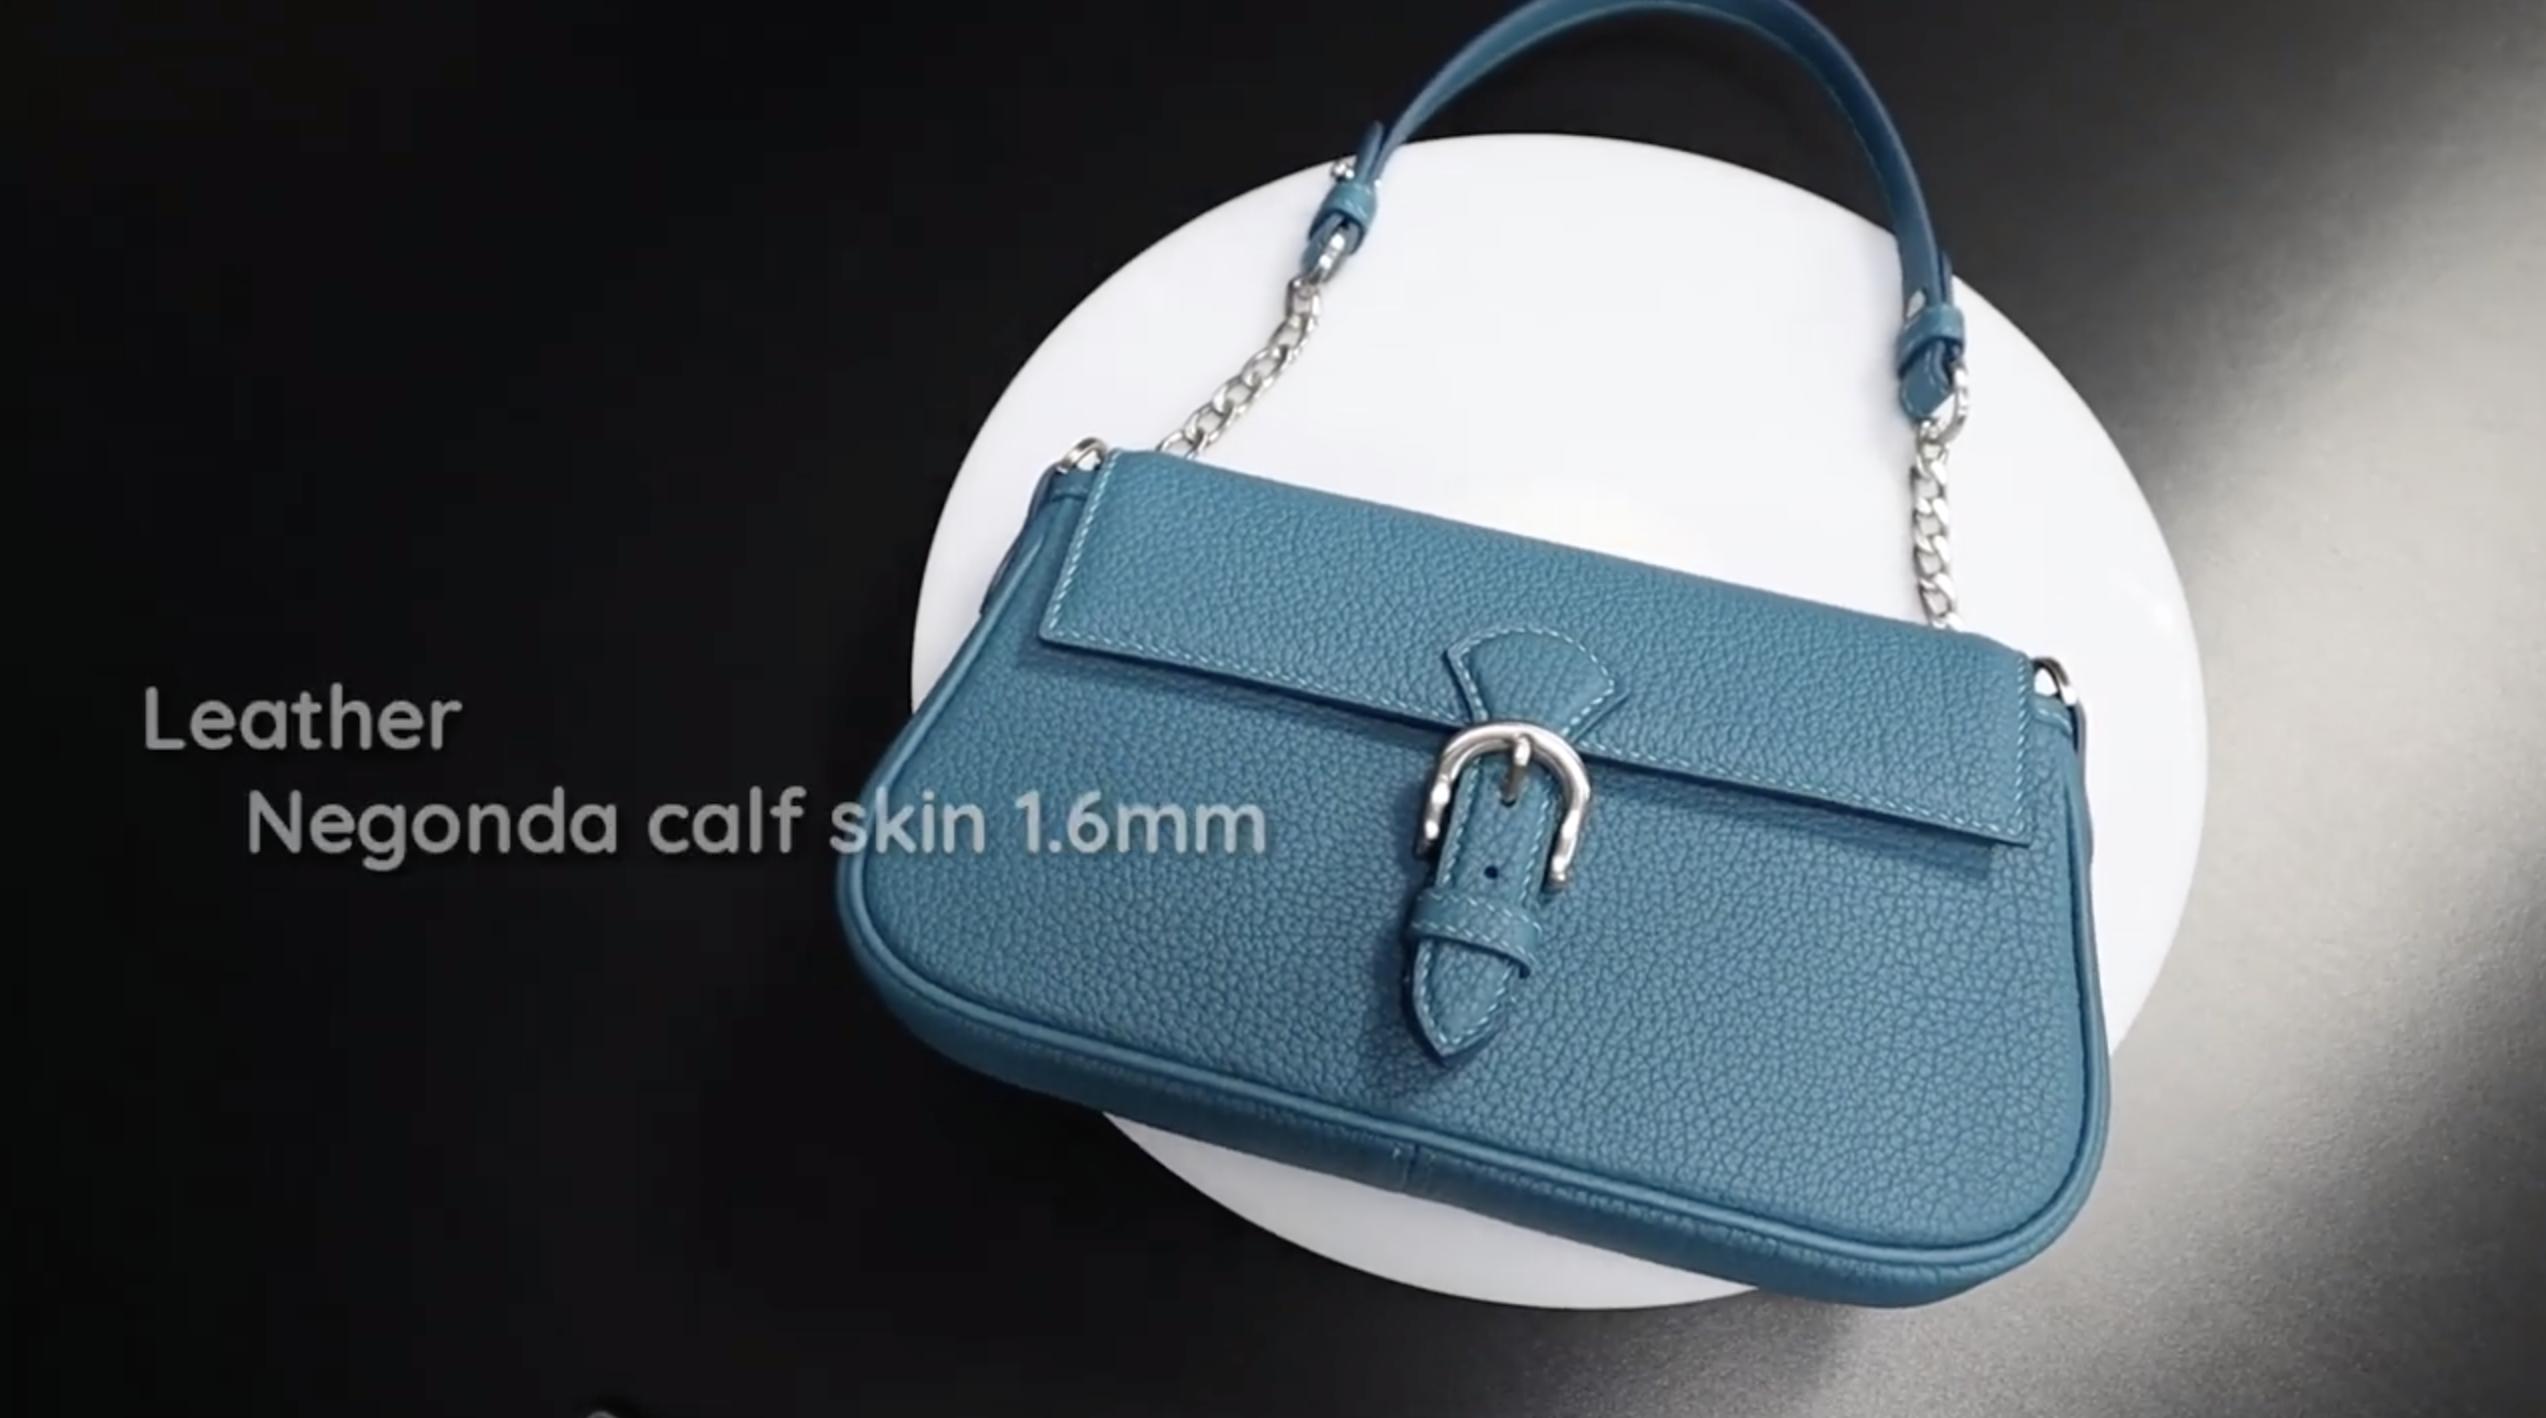 【手工皮具】女士蓝色挎包系列之3 手工皮具制作视频教程 Heal studio 出品 搬运转载